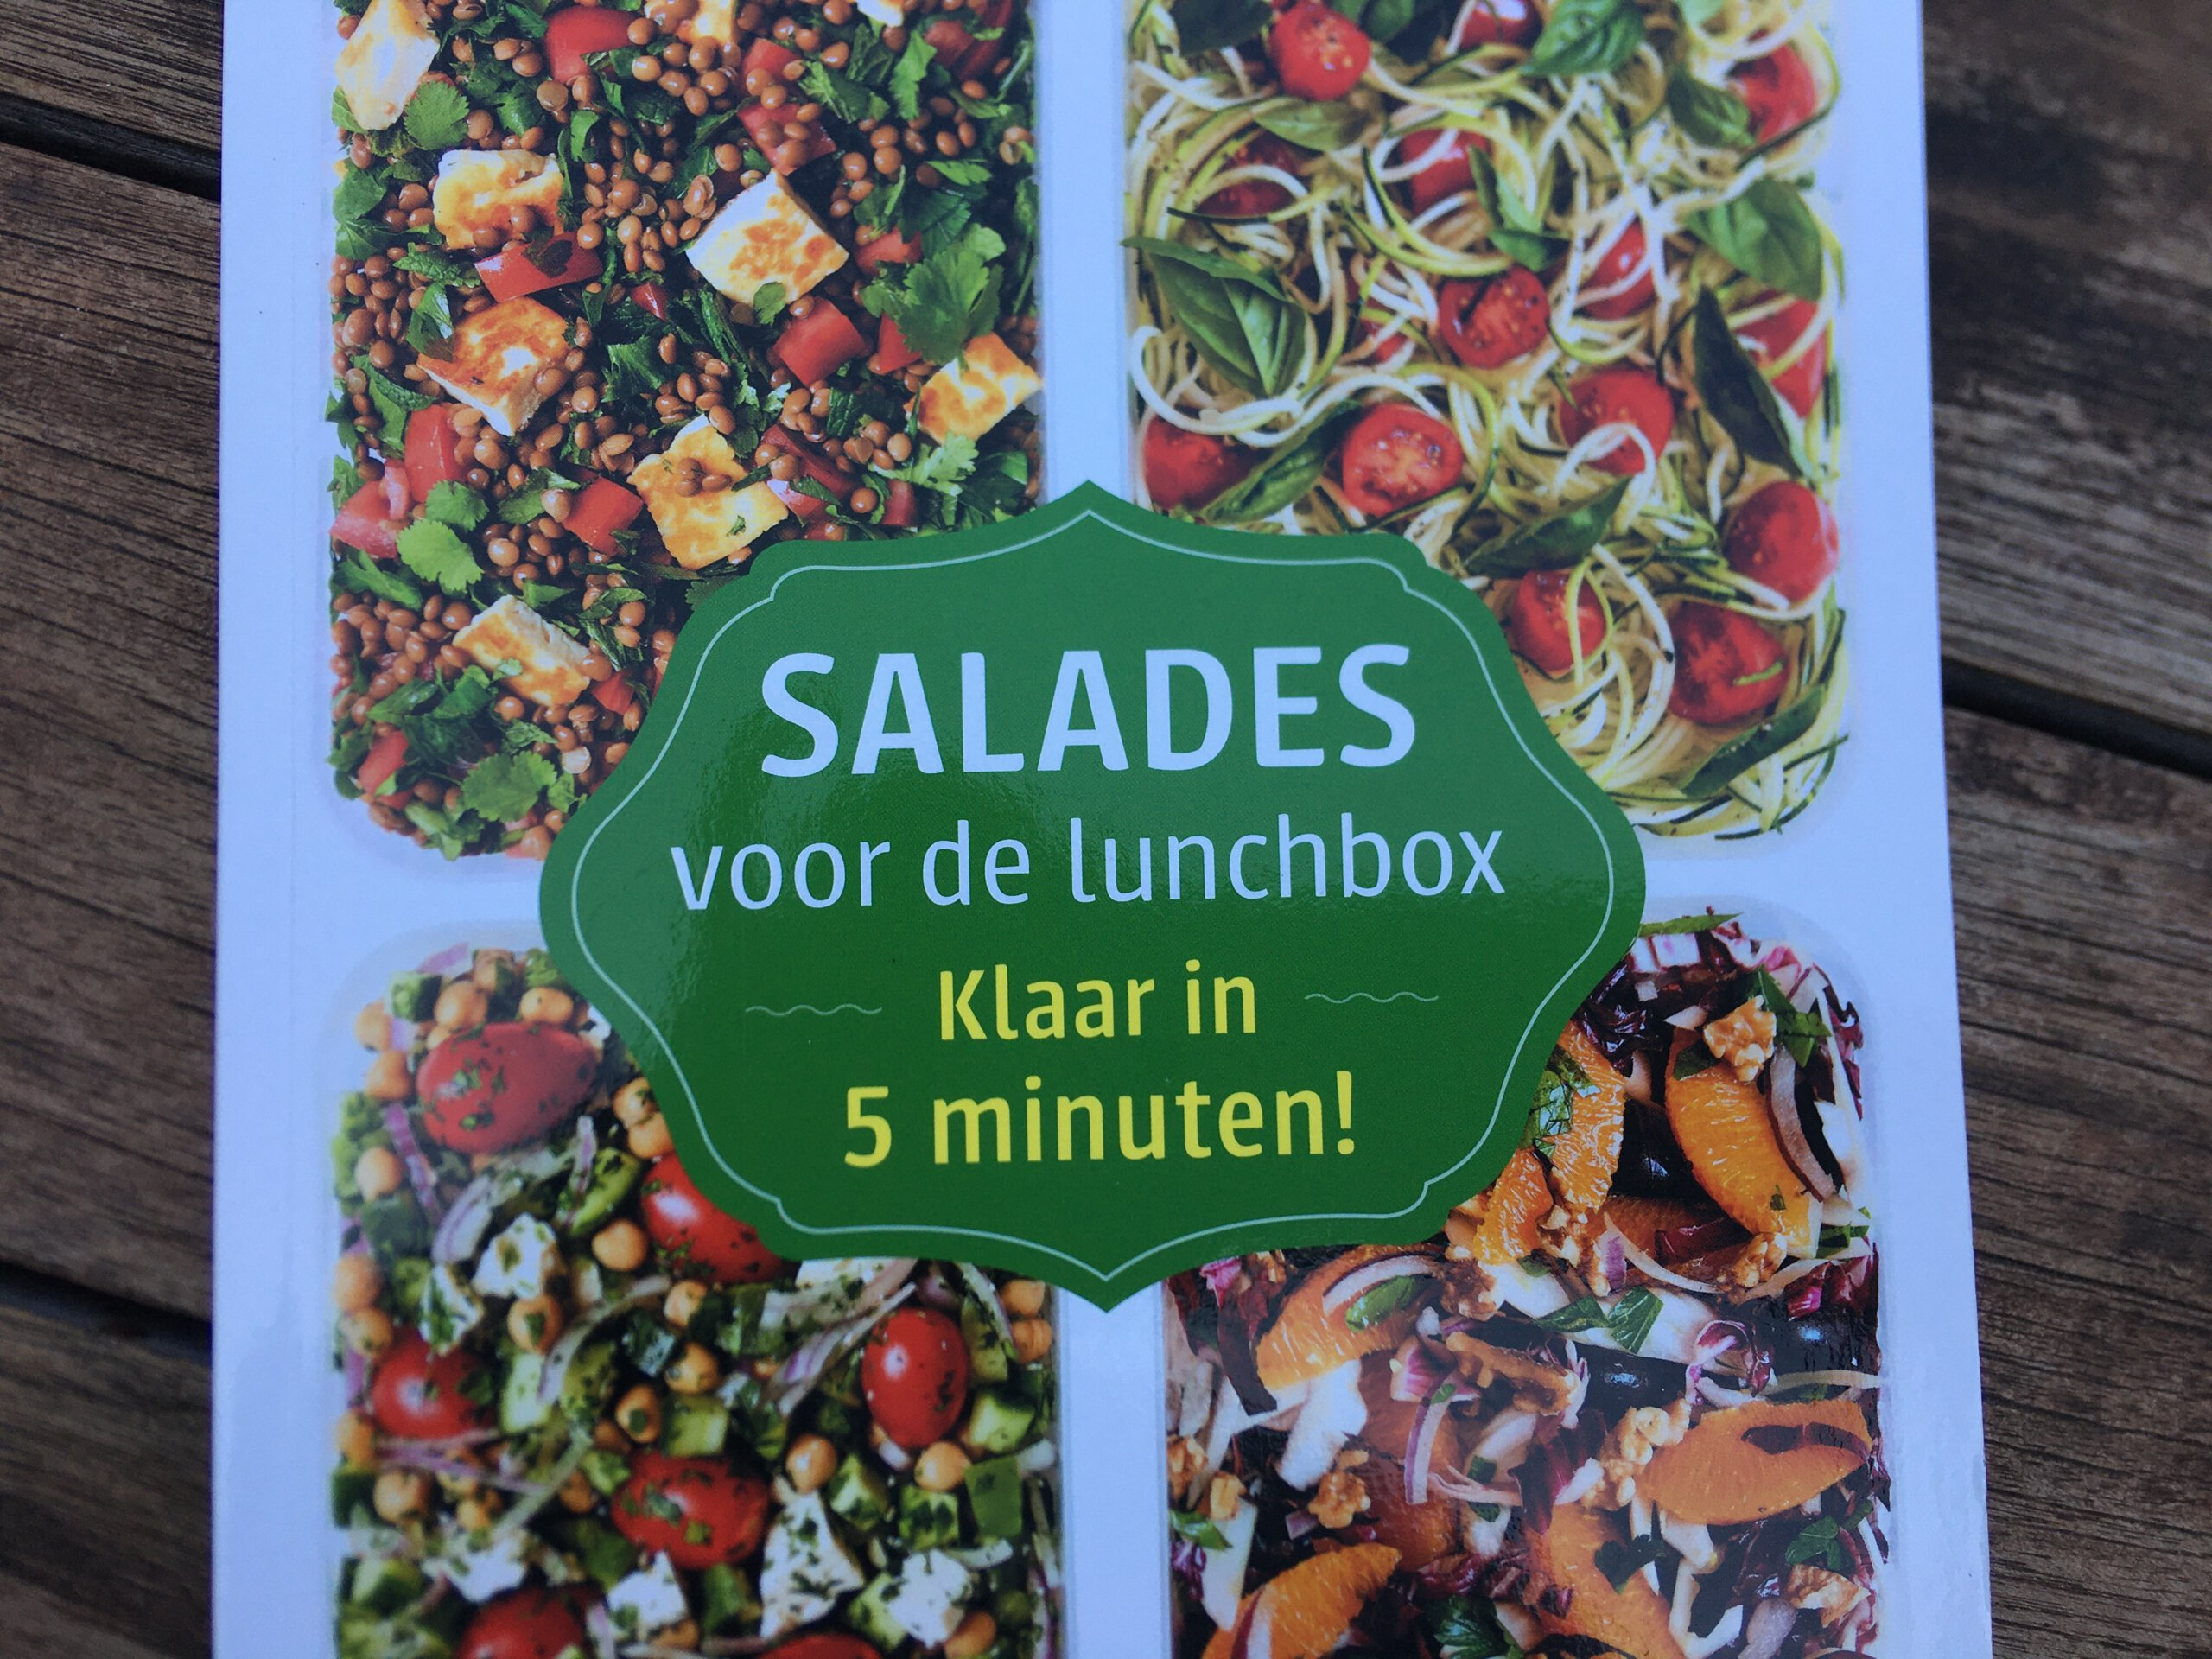 salade voor de lunchbox